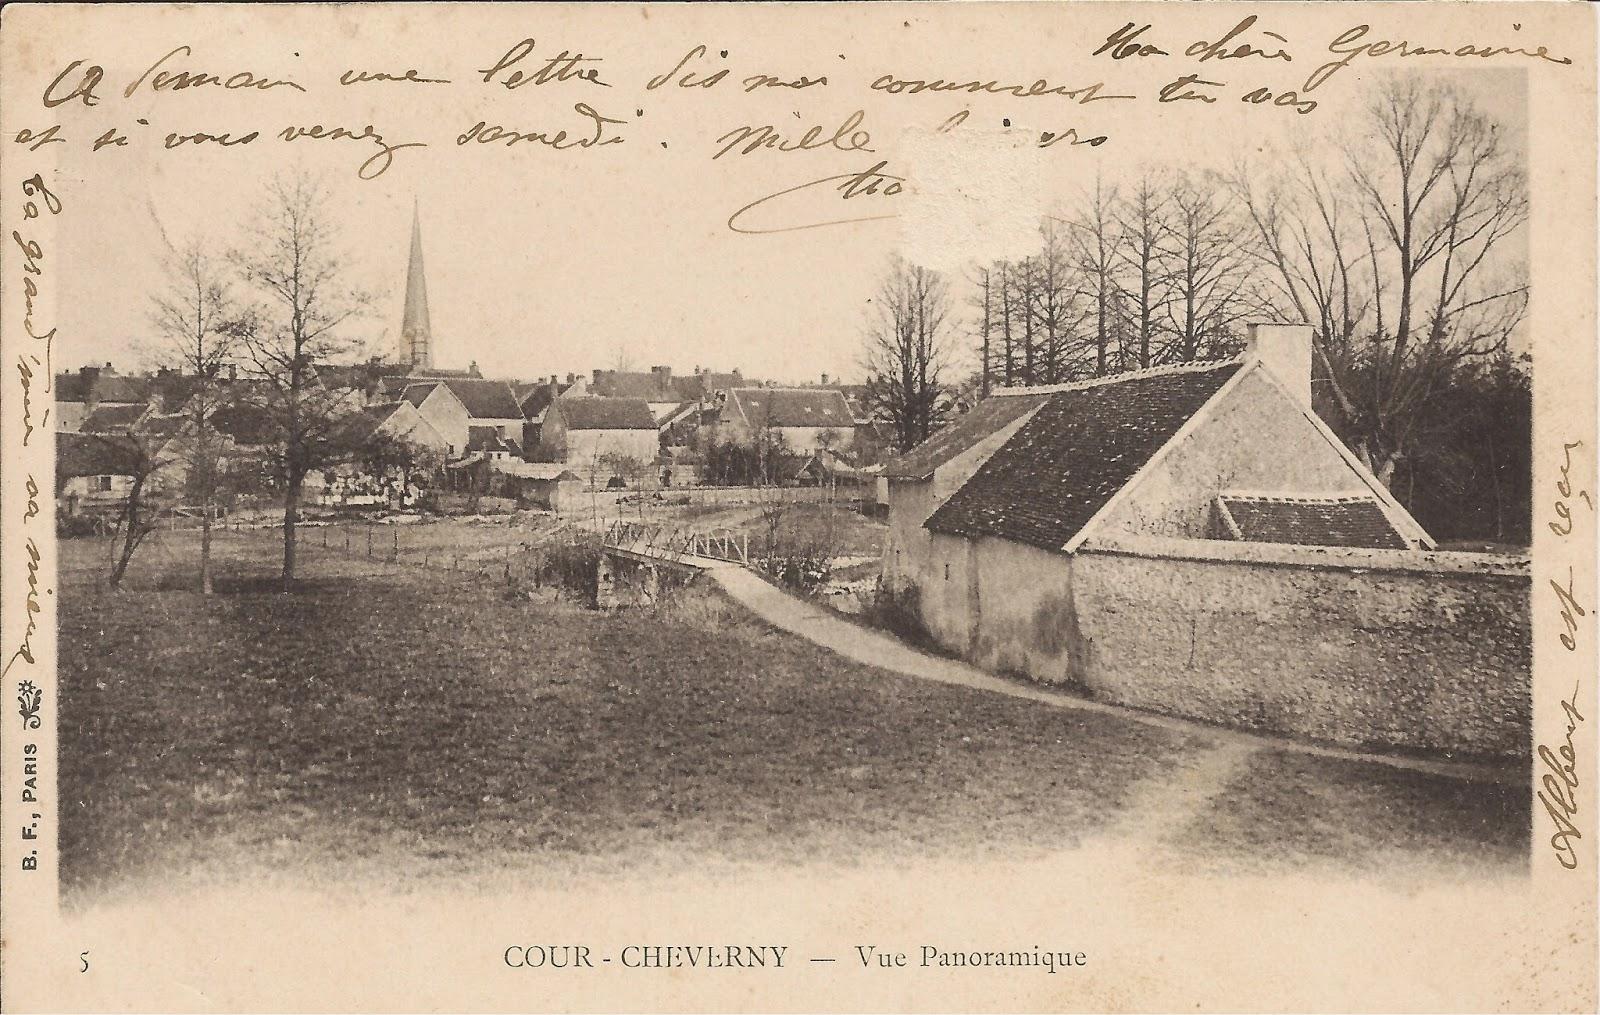 Abords du Conon - Cour-Cheverny